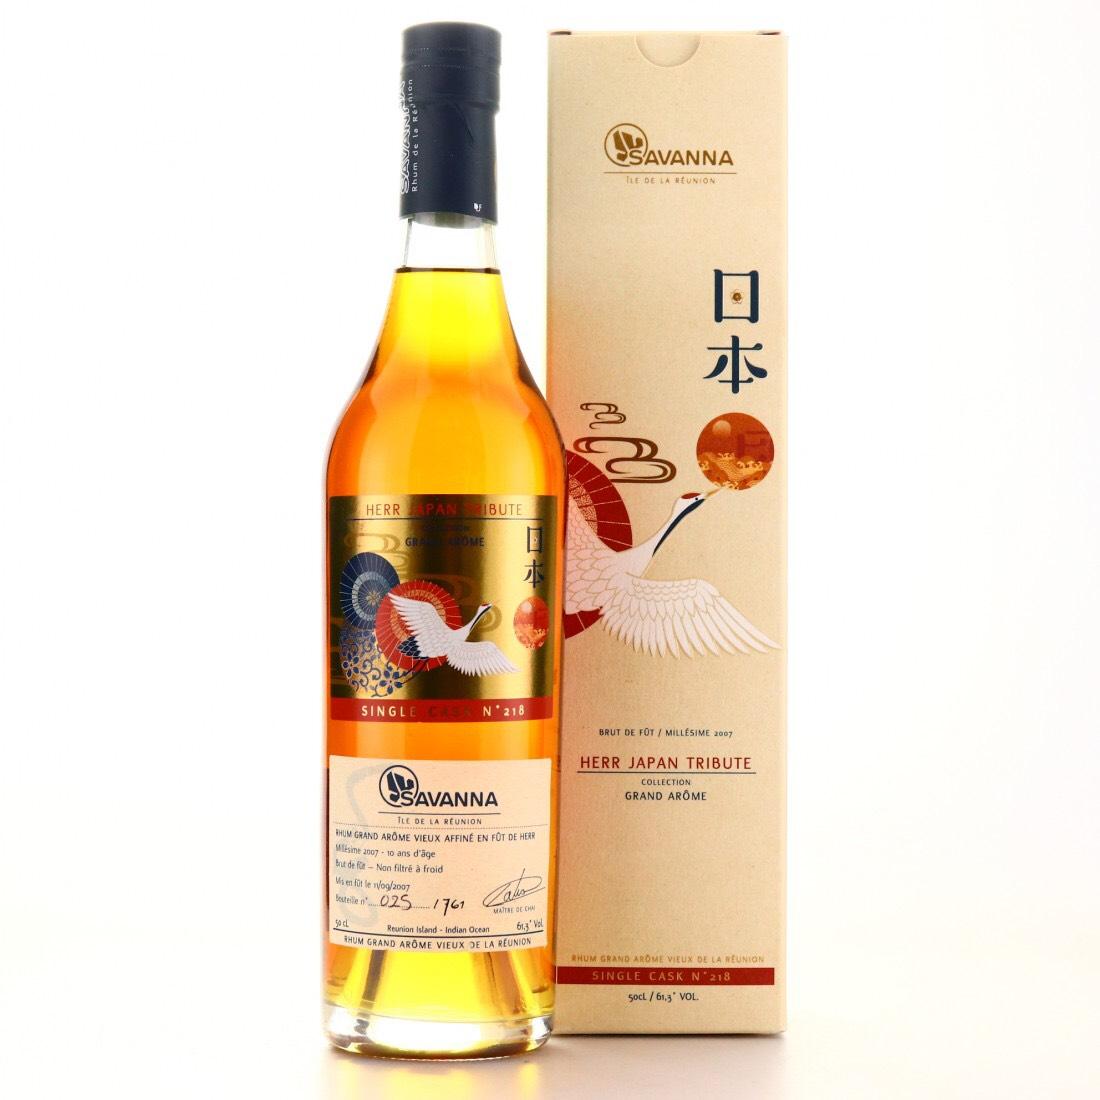 Bottle image of Japan Tribute HERR